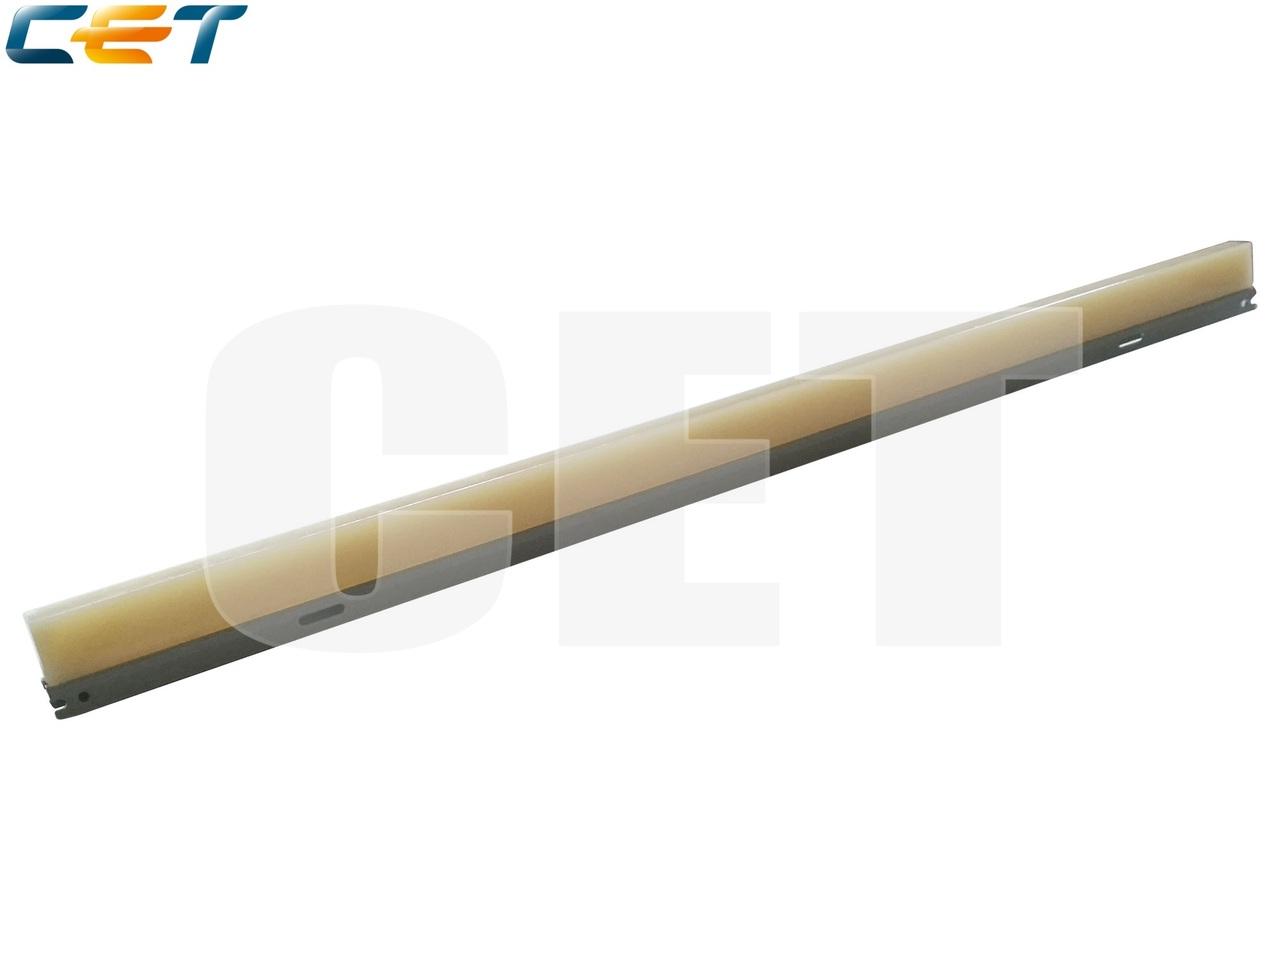 Смазывающая пластина барабана для RICOHMPC3003/3503/4503/5503/6003 (CET) Black, CET6320